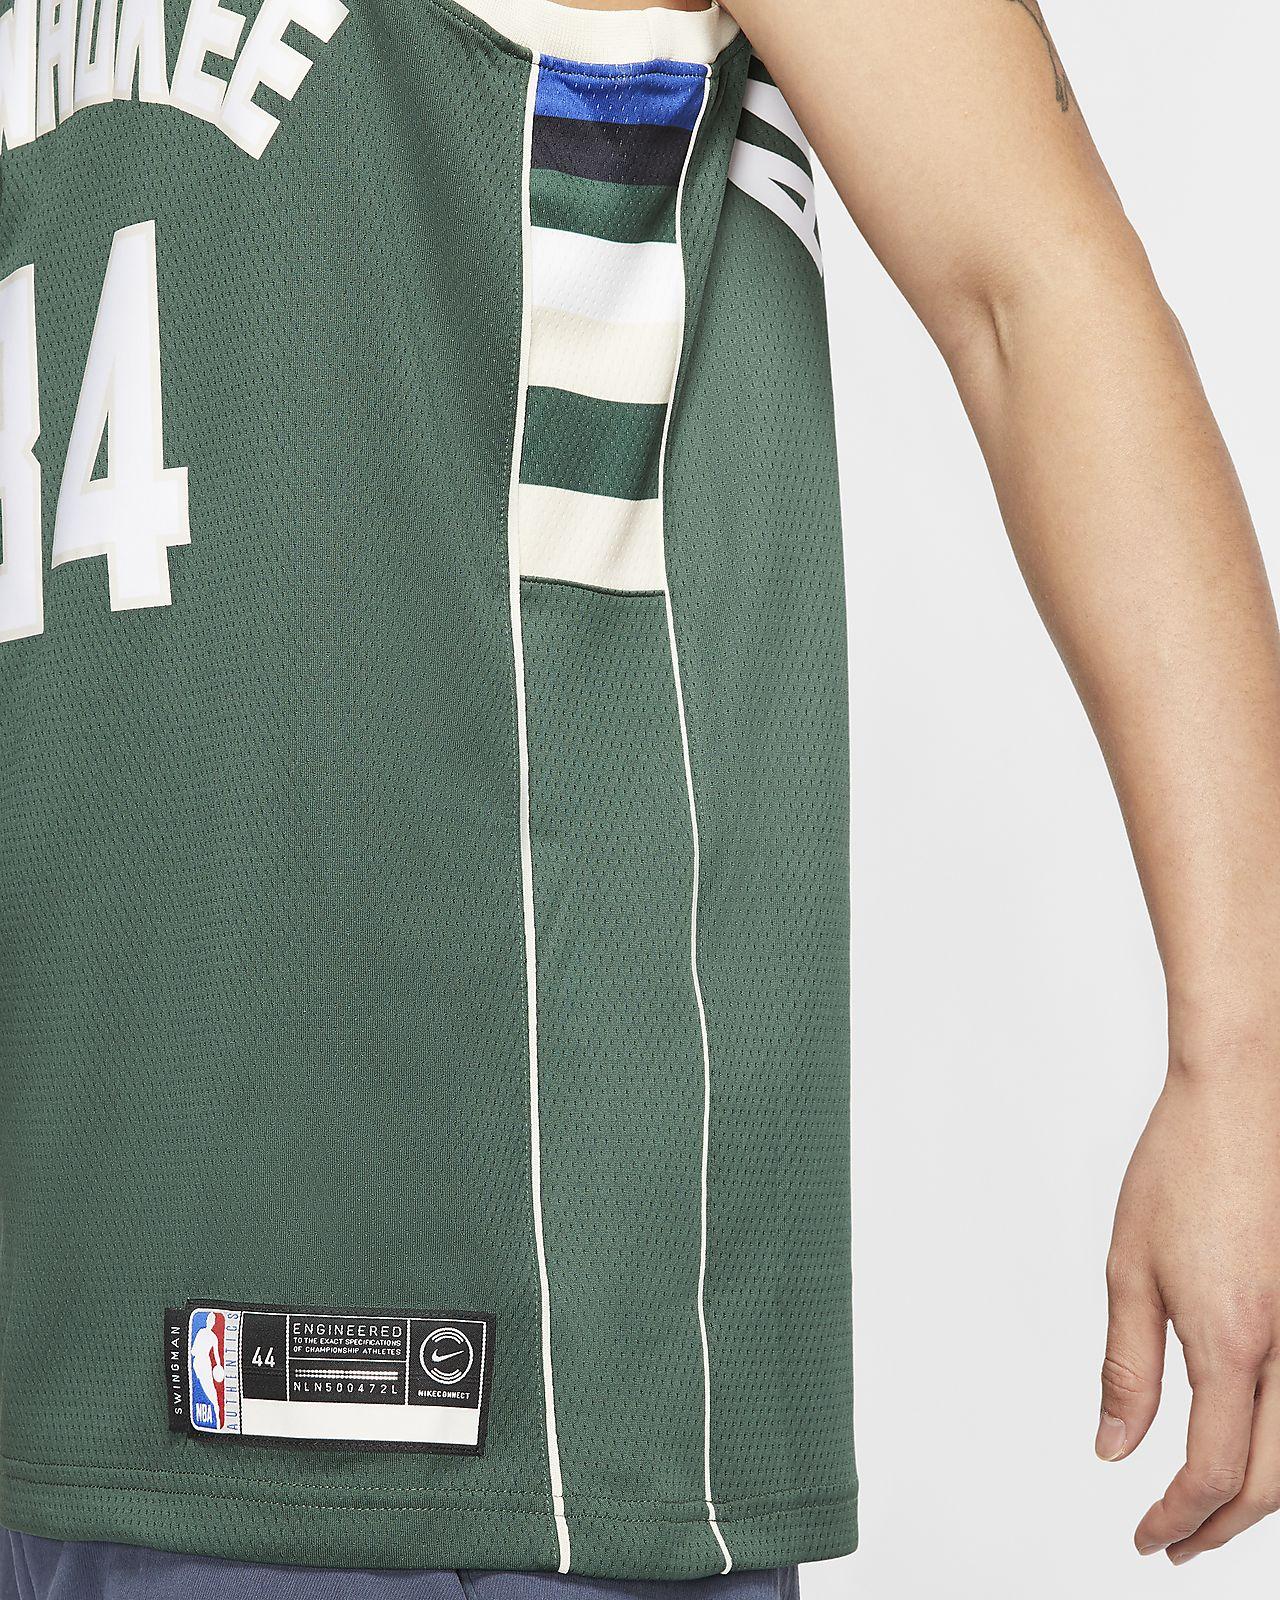 Giannis Antetokounmpo Bucks Icon Edition Camiseta Nike NBA Swingman Hombre